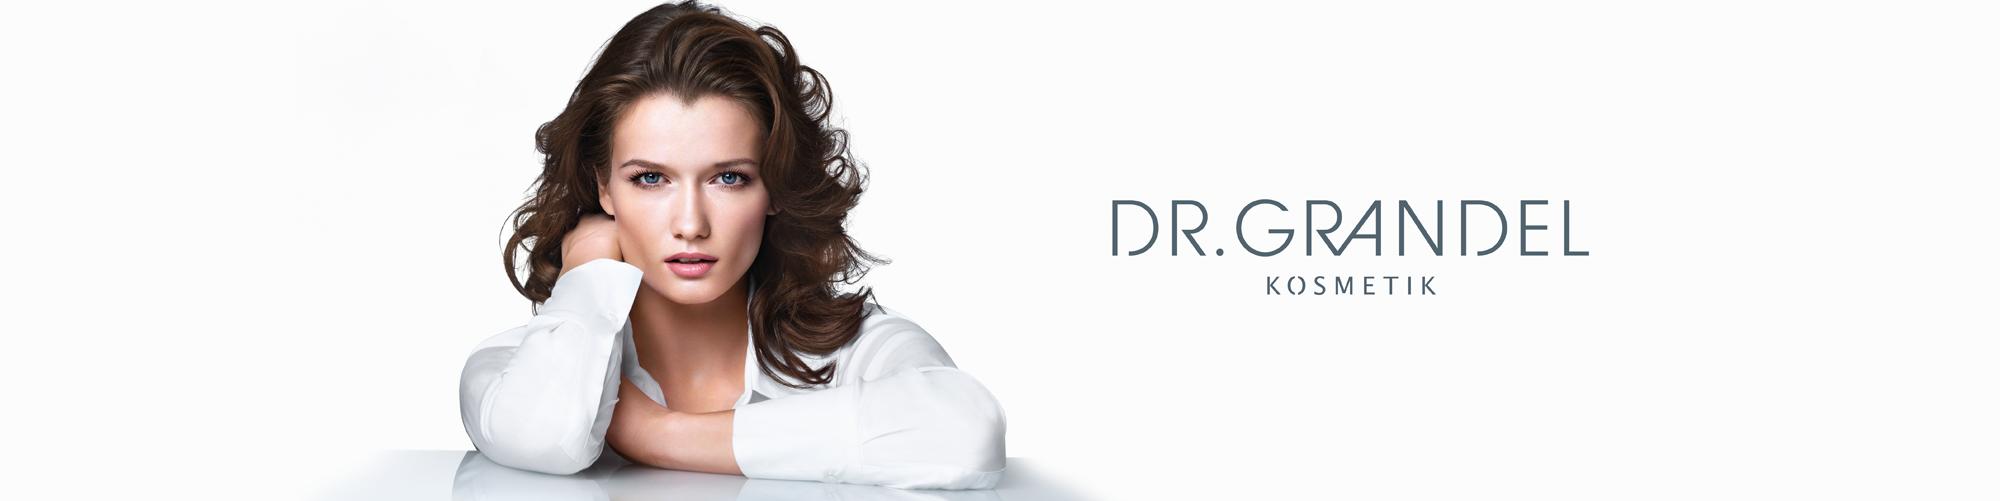 slider-dr-grandel-kosmetik1